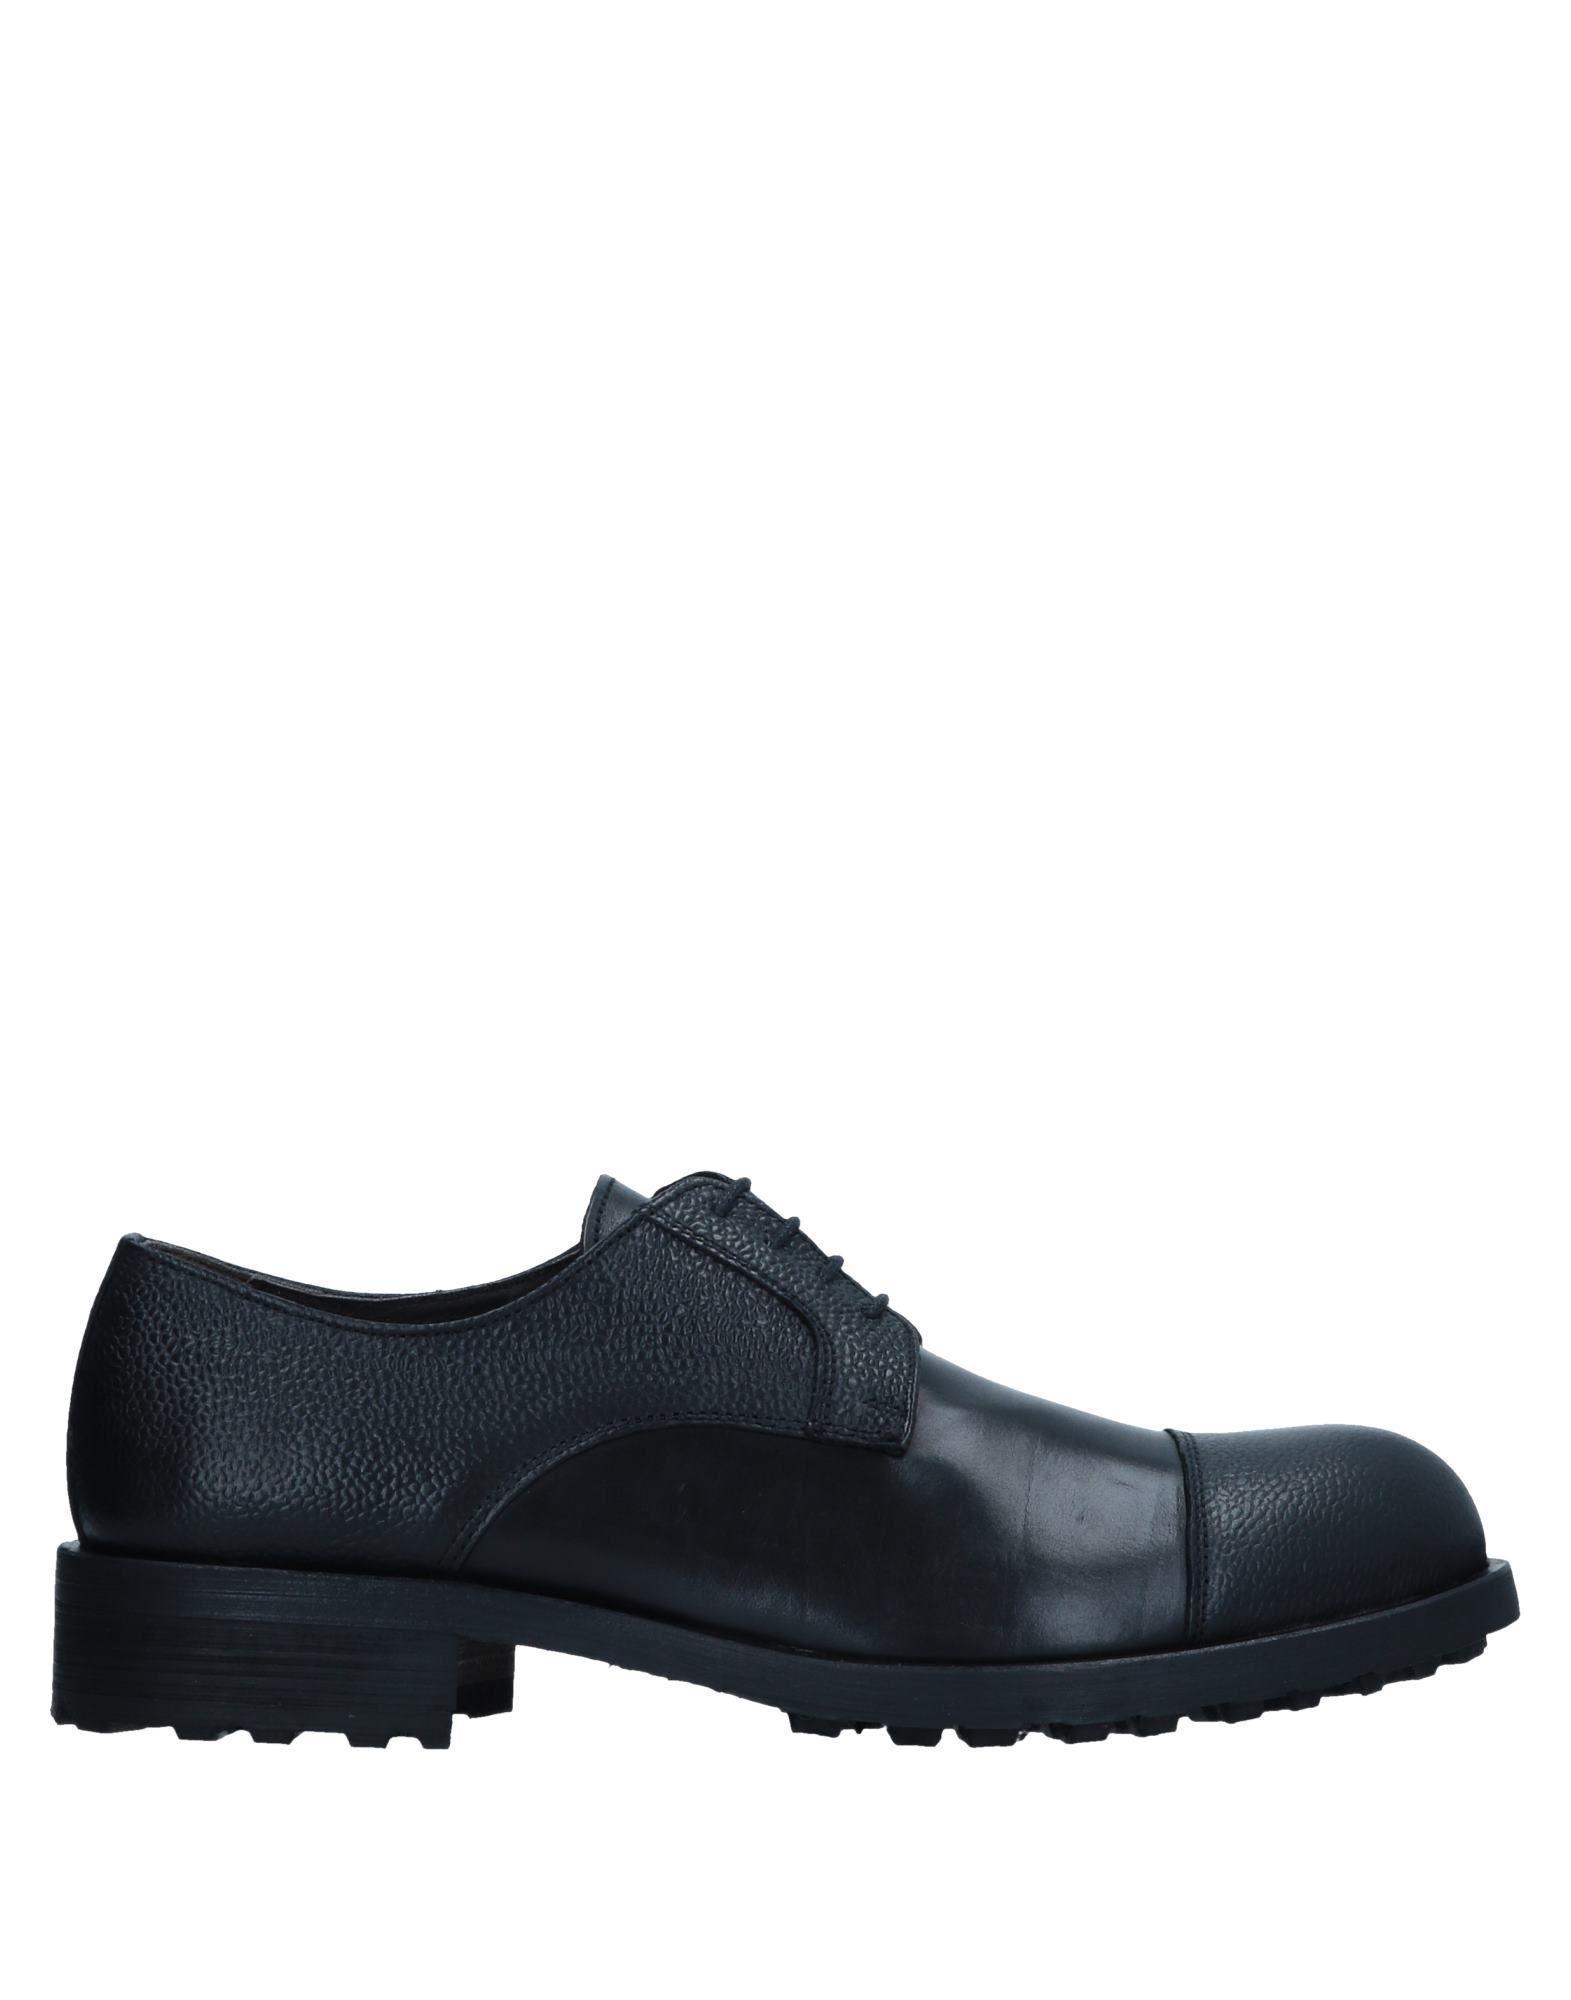 Rabatt echte Schuhe Ton Goût Schnürschuhe Herren  11557655VX